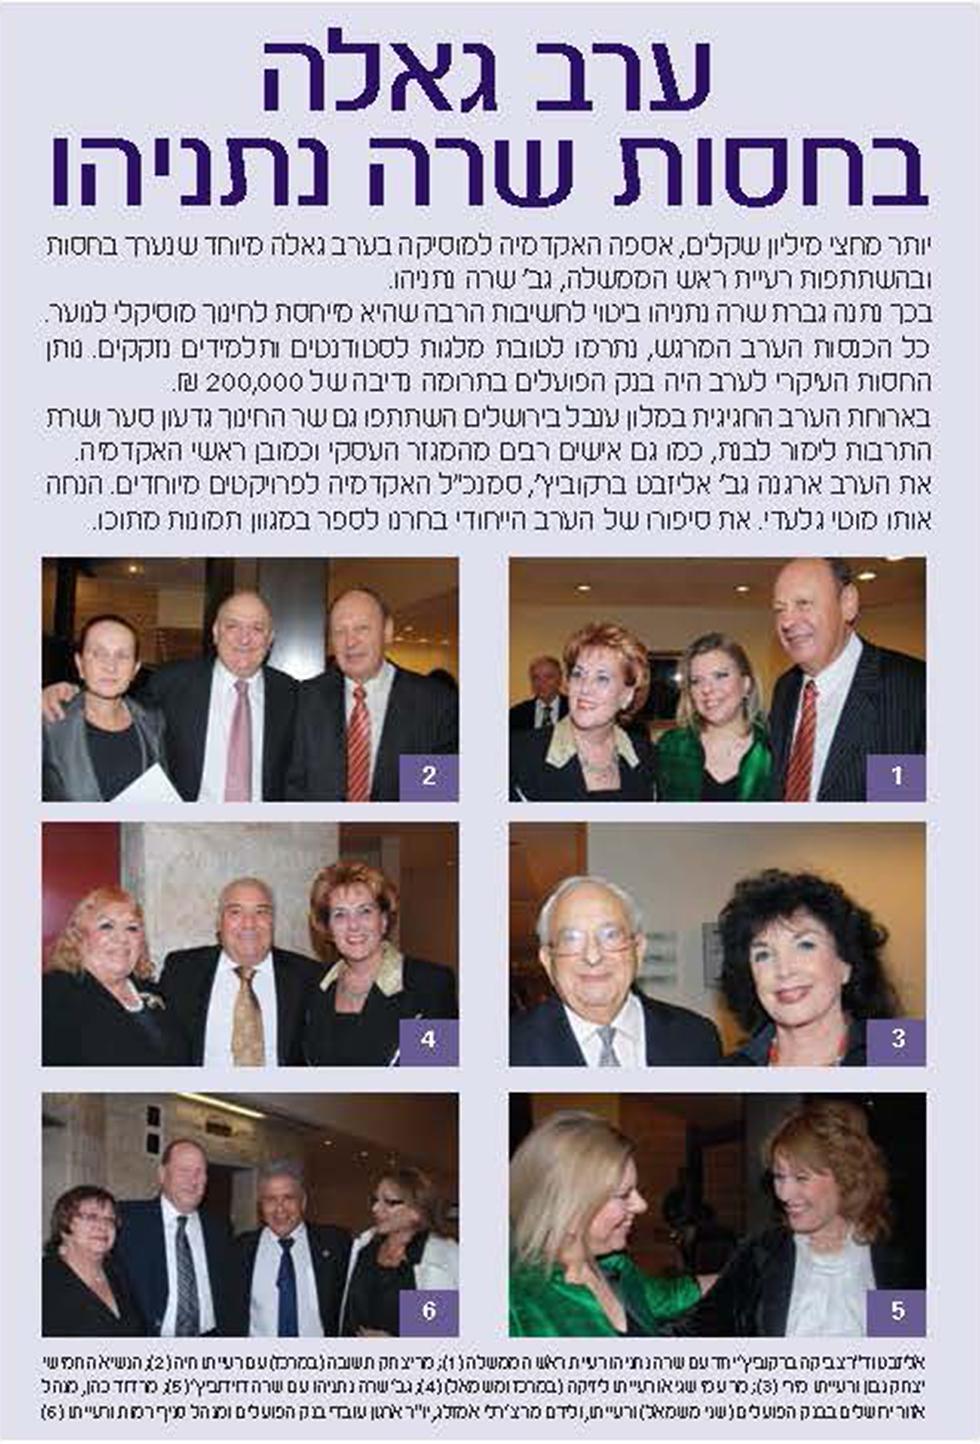 ידיעה מתוך עיתון האקדמיה למוזיקה ולמחול בירושלים על האירוע ()